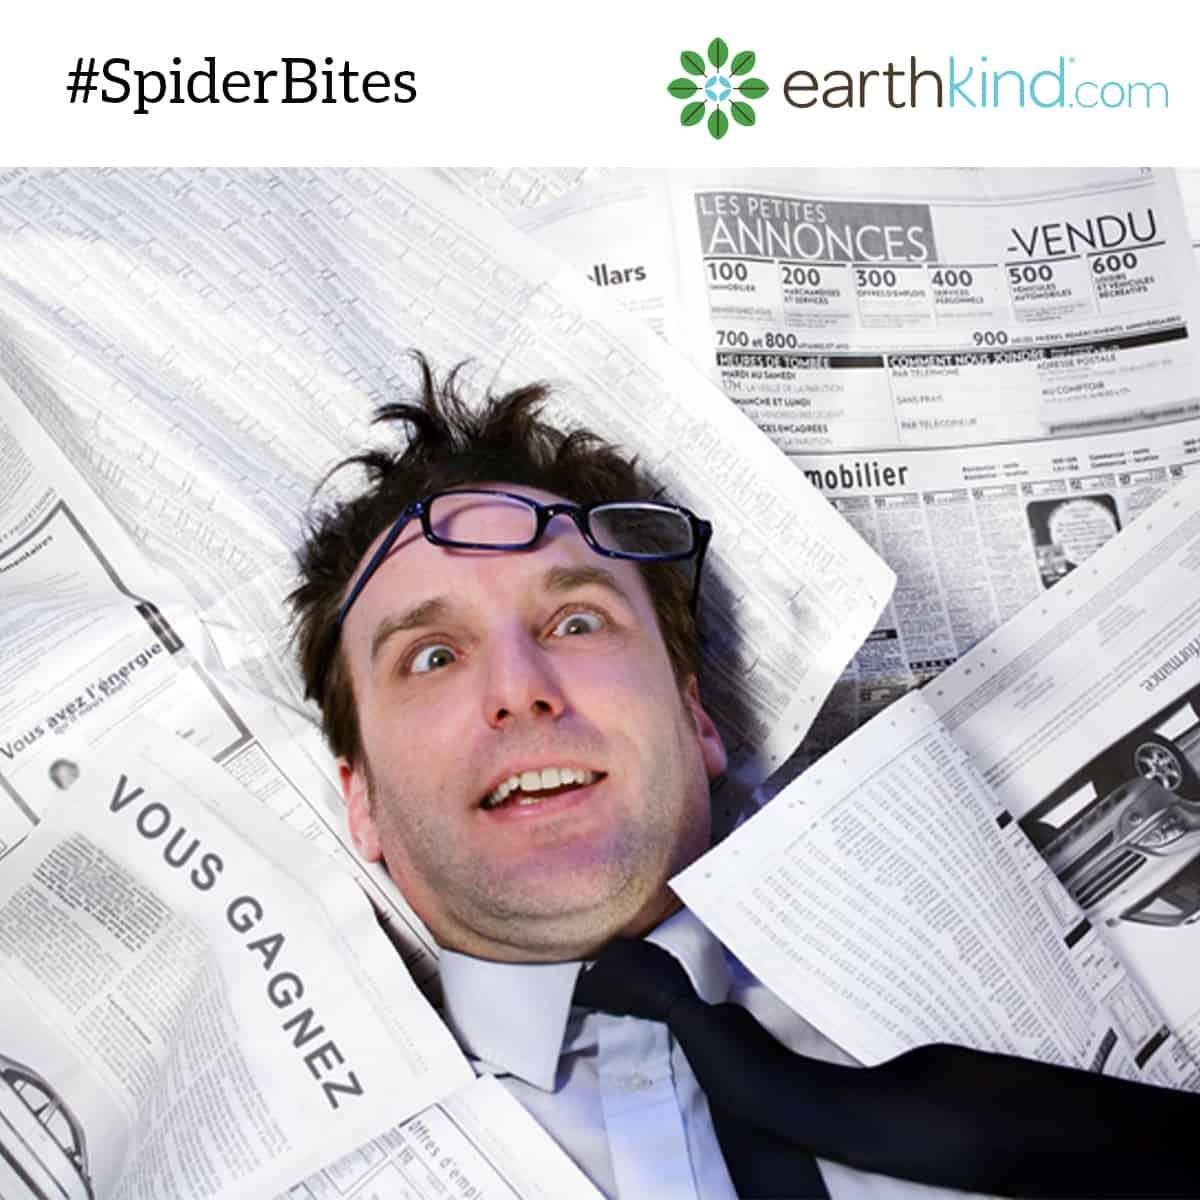 #SpiderBites